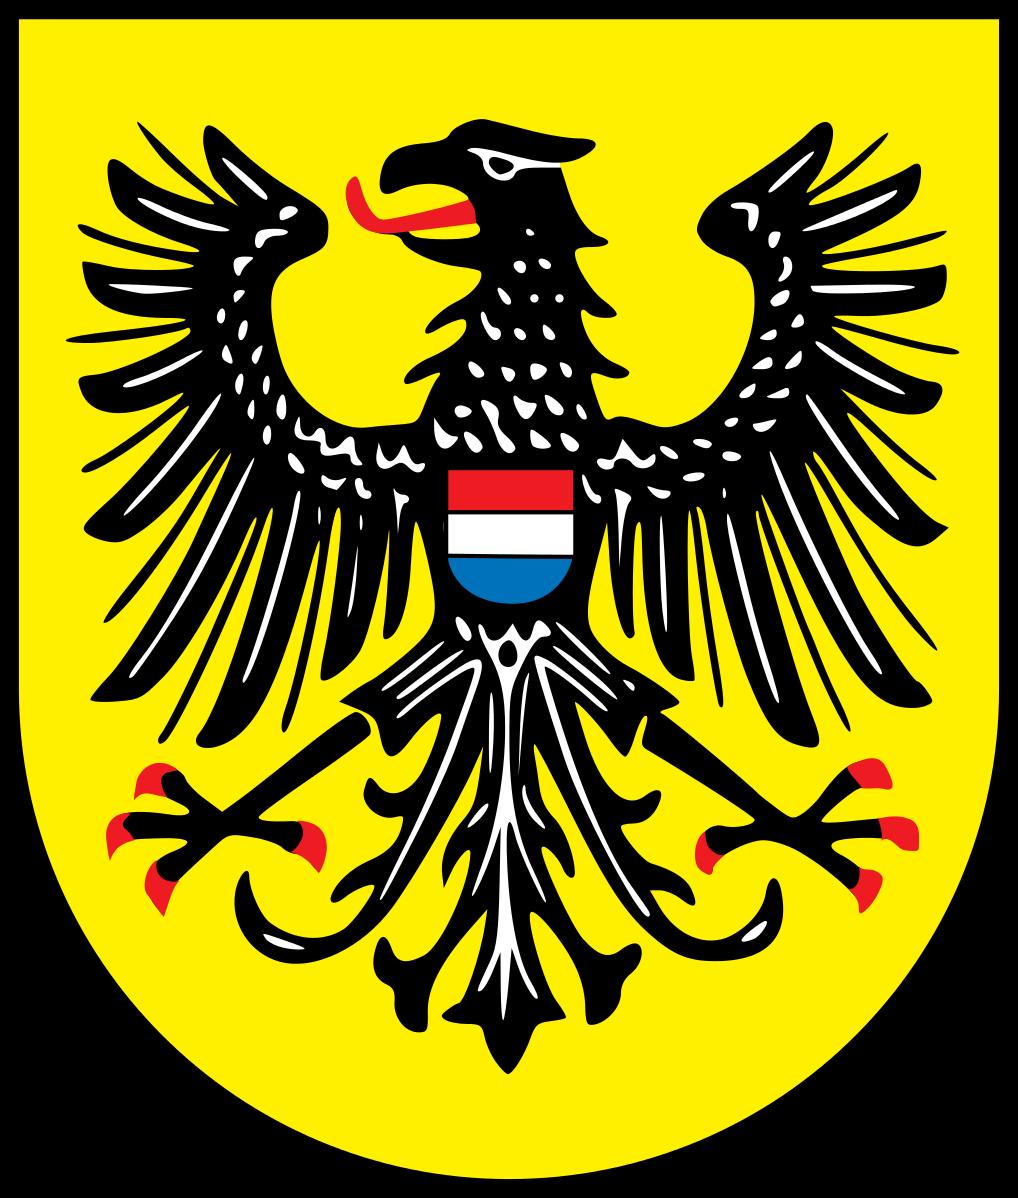 Wappen der Stadt Heilbronn